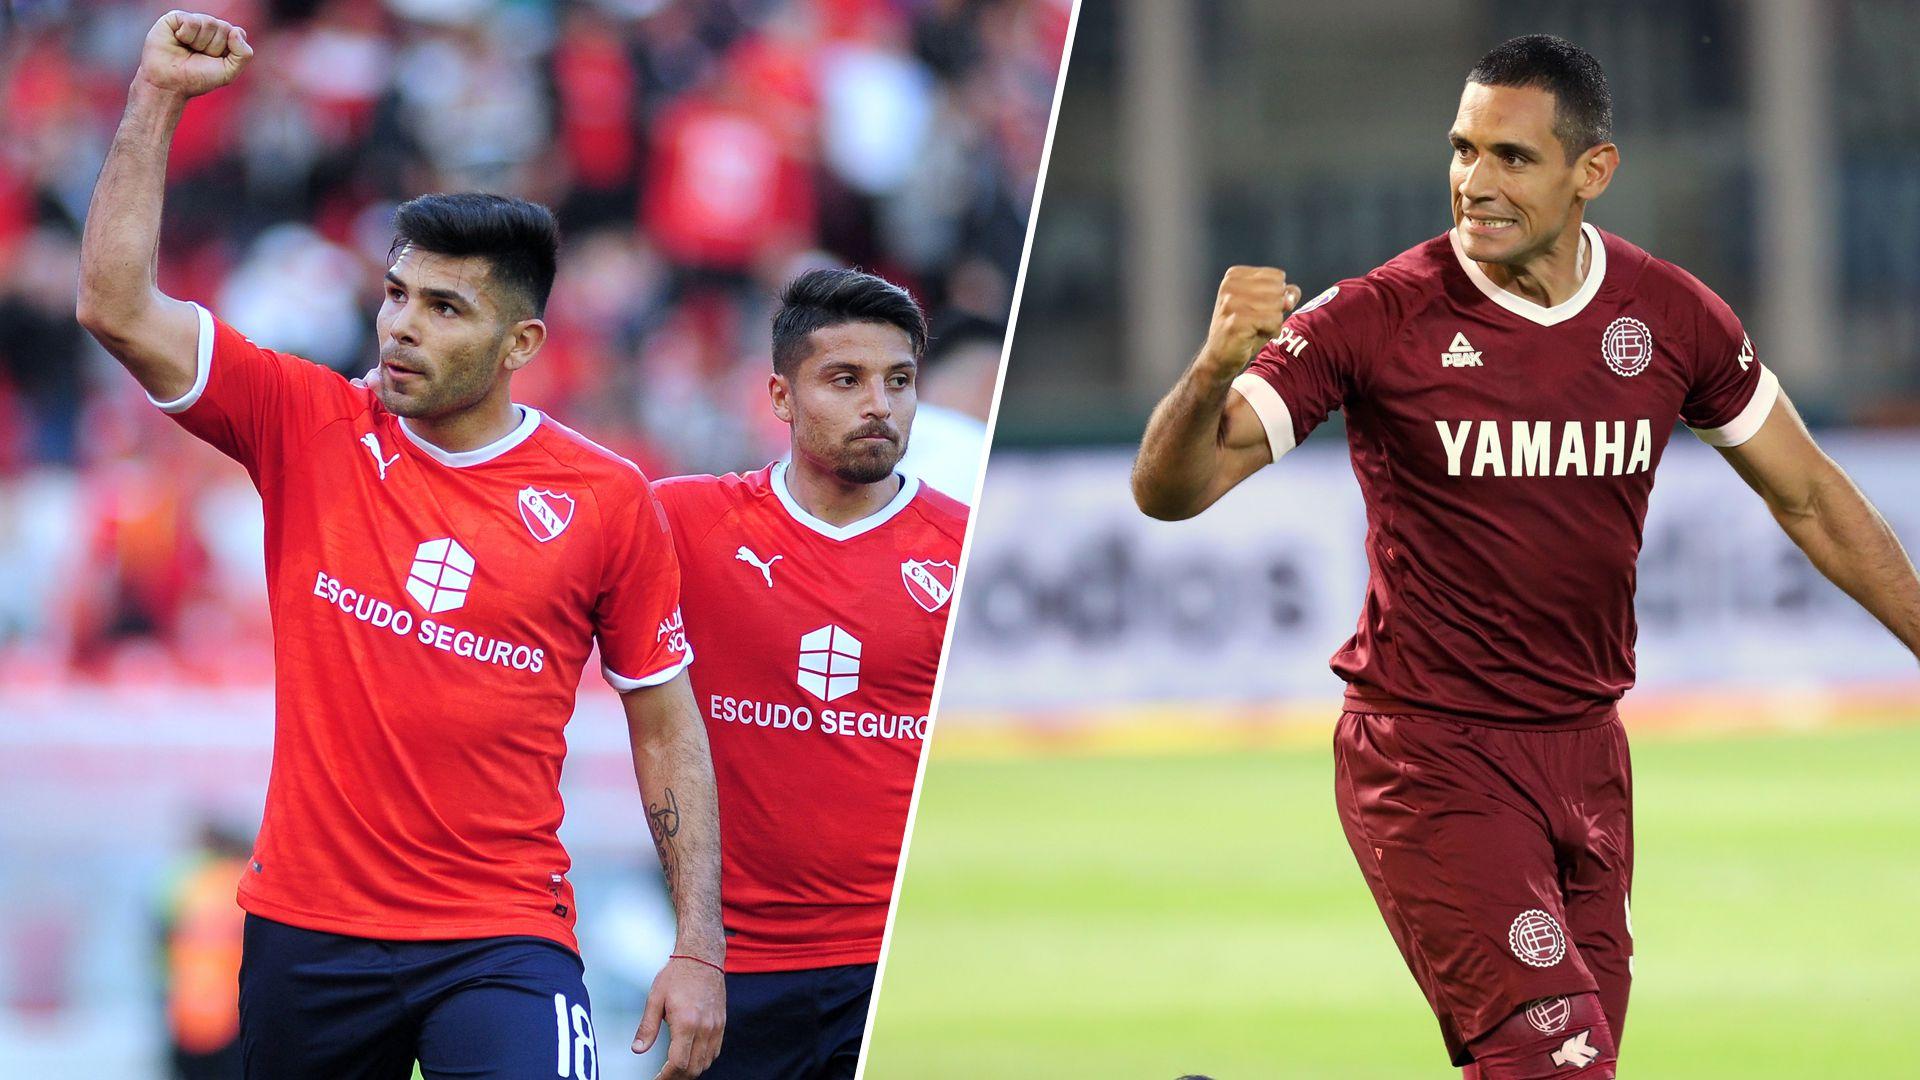 Independiente enfrenta a Lanús por los cuartos de final de la Copa Argentina